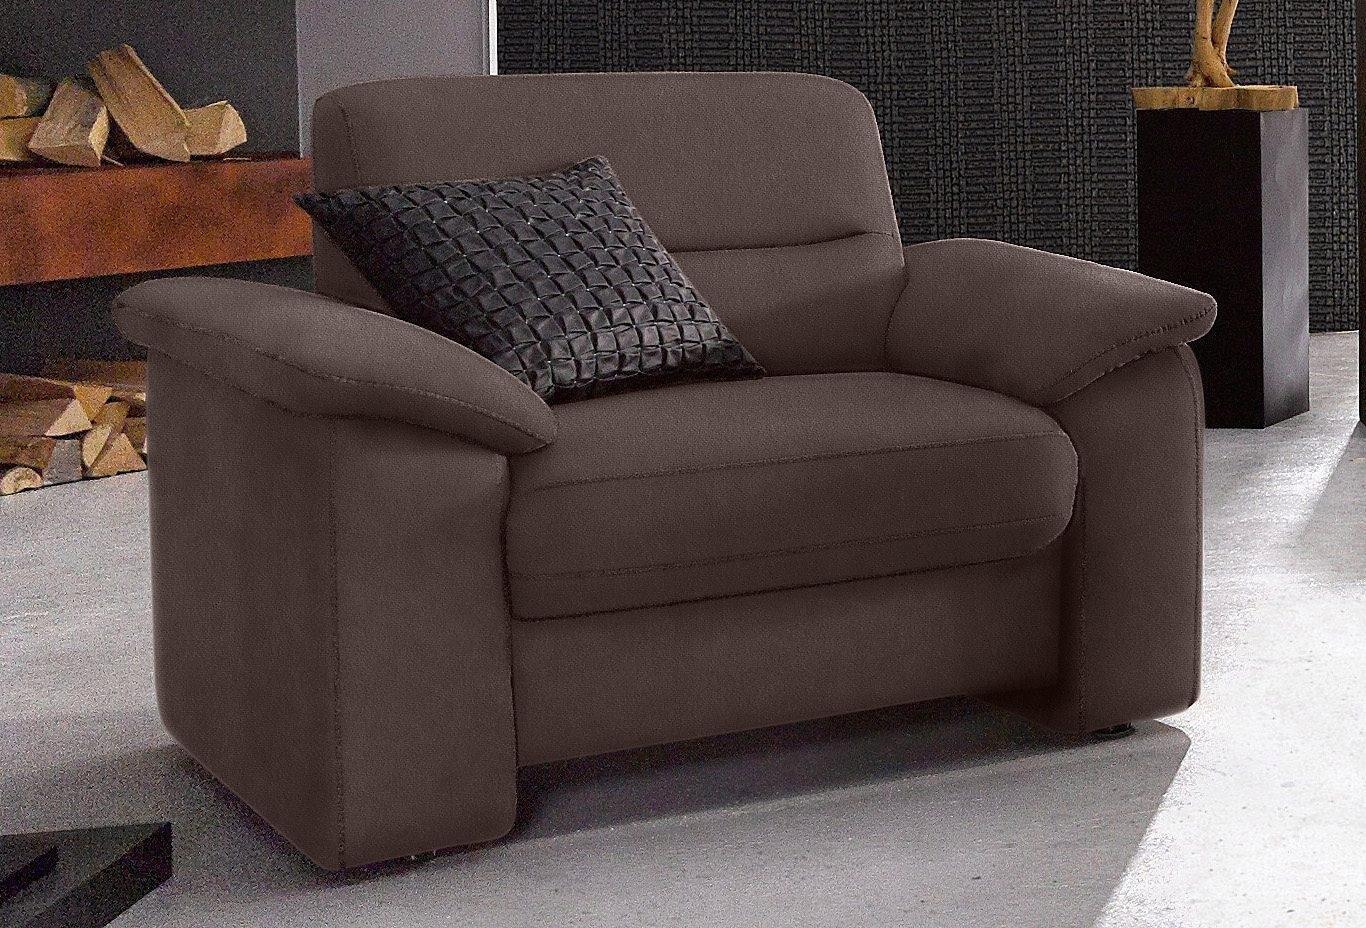 Sit&more Fauteuil met hoog zitcomfort veilig op otto.nl kopen